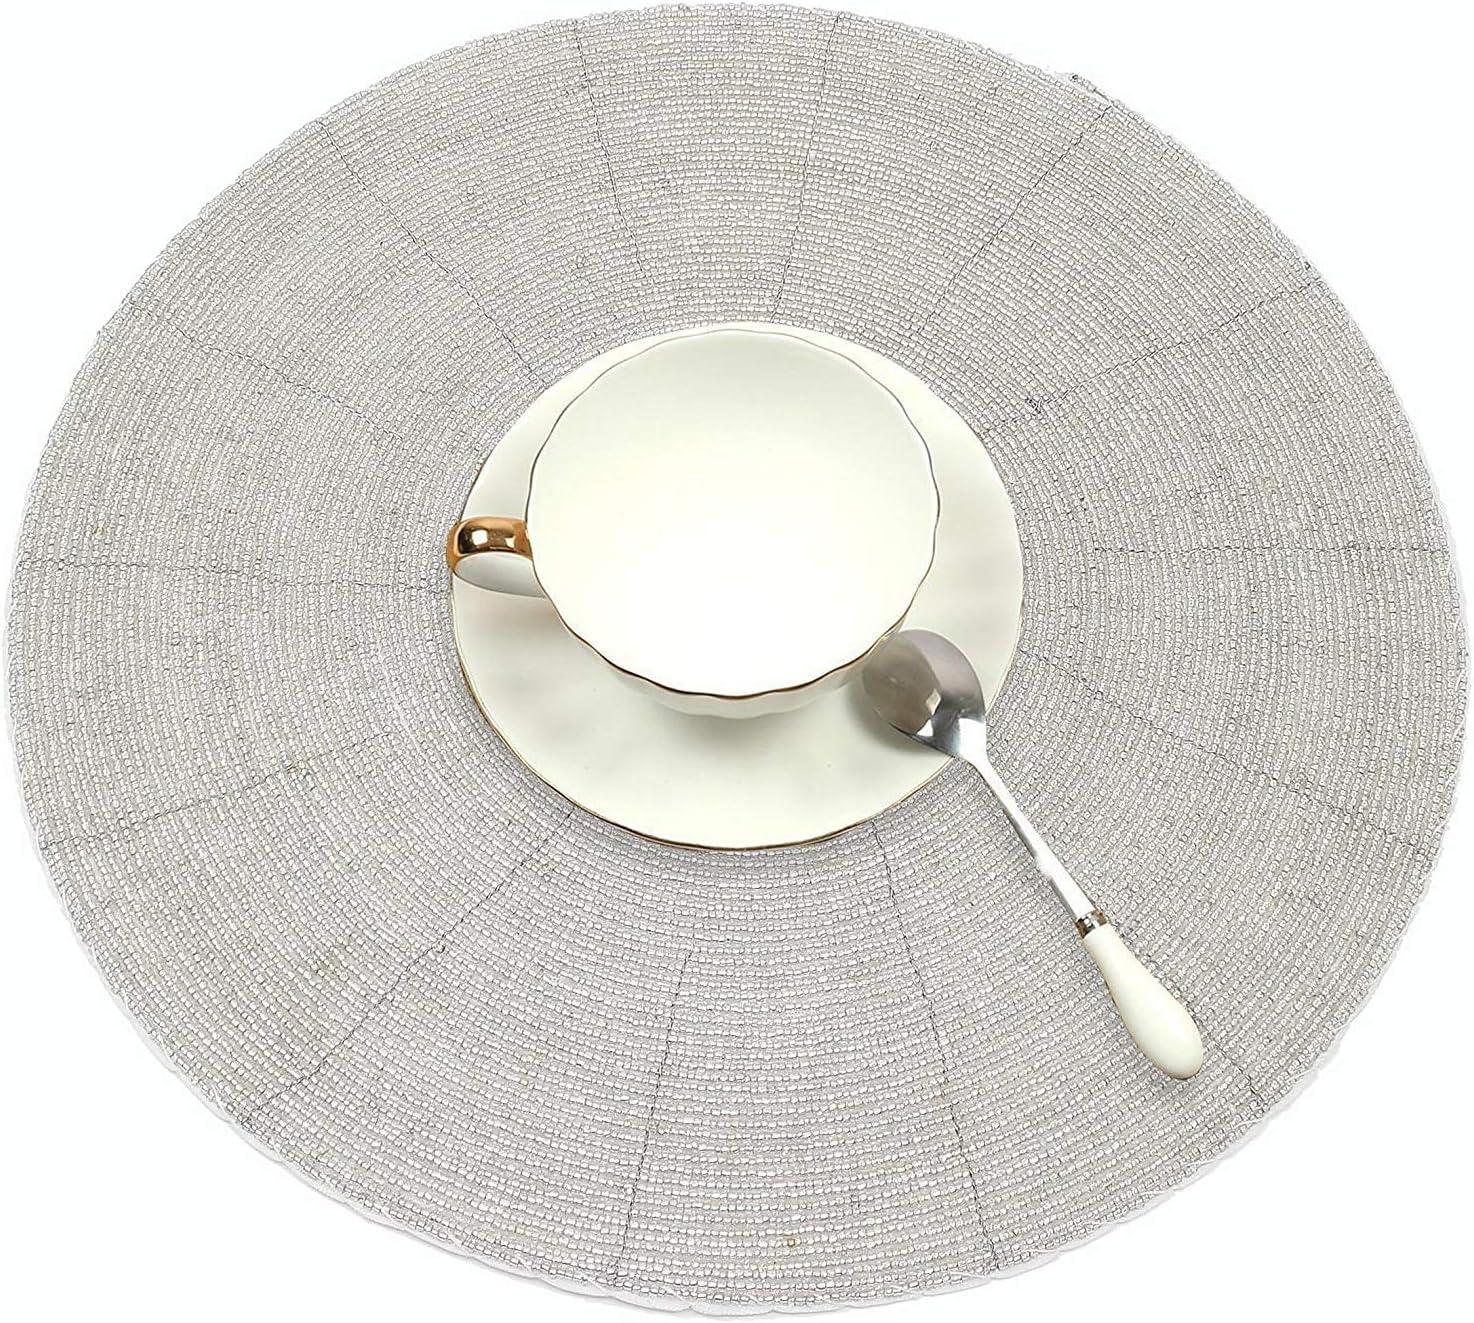 - Largo 30 cmIntrecciata Bicchiere in Rilievo e Moderno Argento Cenare Tavolo Stuoia Interno o Allaperto 4 Pack SKAVIJ Il Giro Tavolo tovagliette Protegge Il Tuo da Tavolo